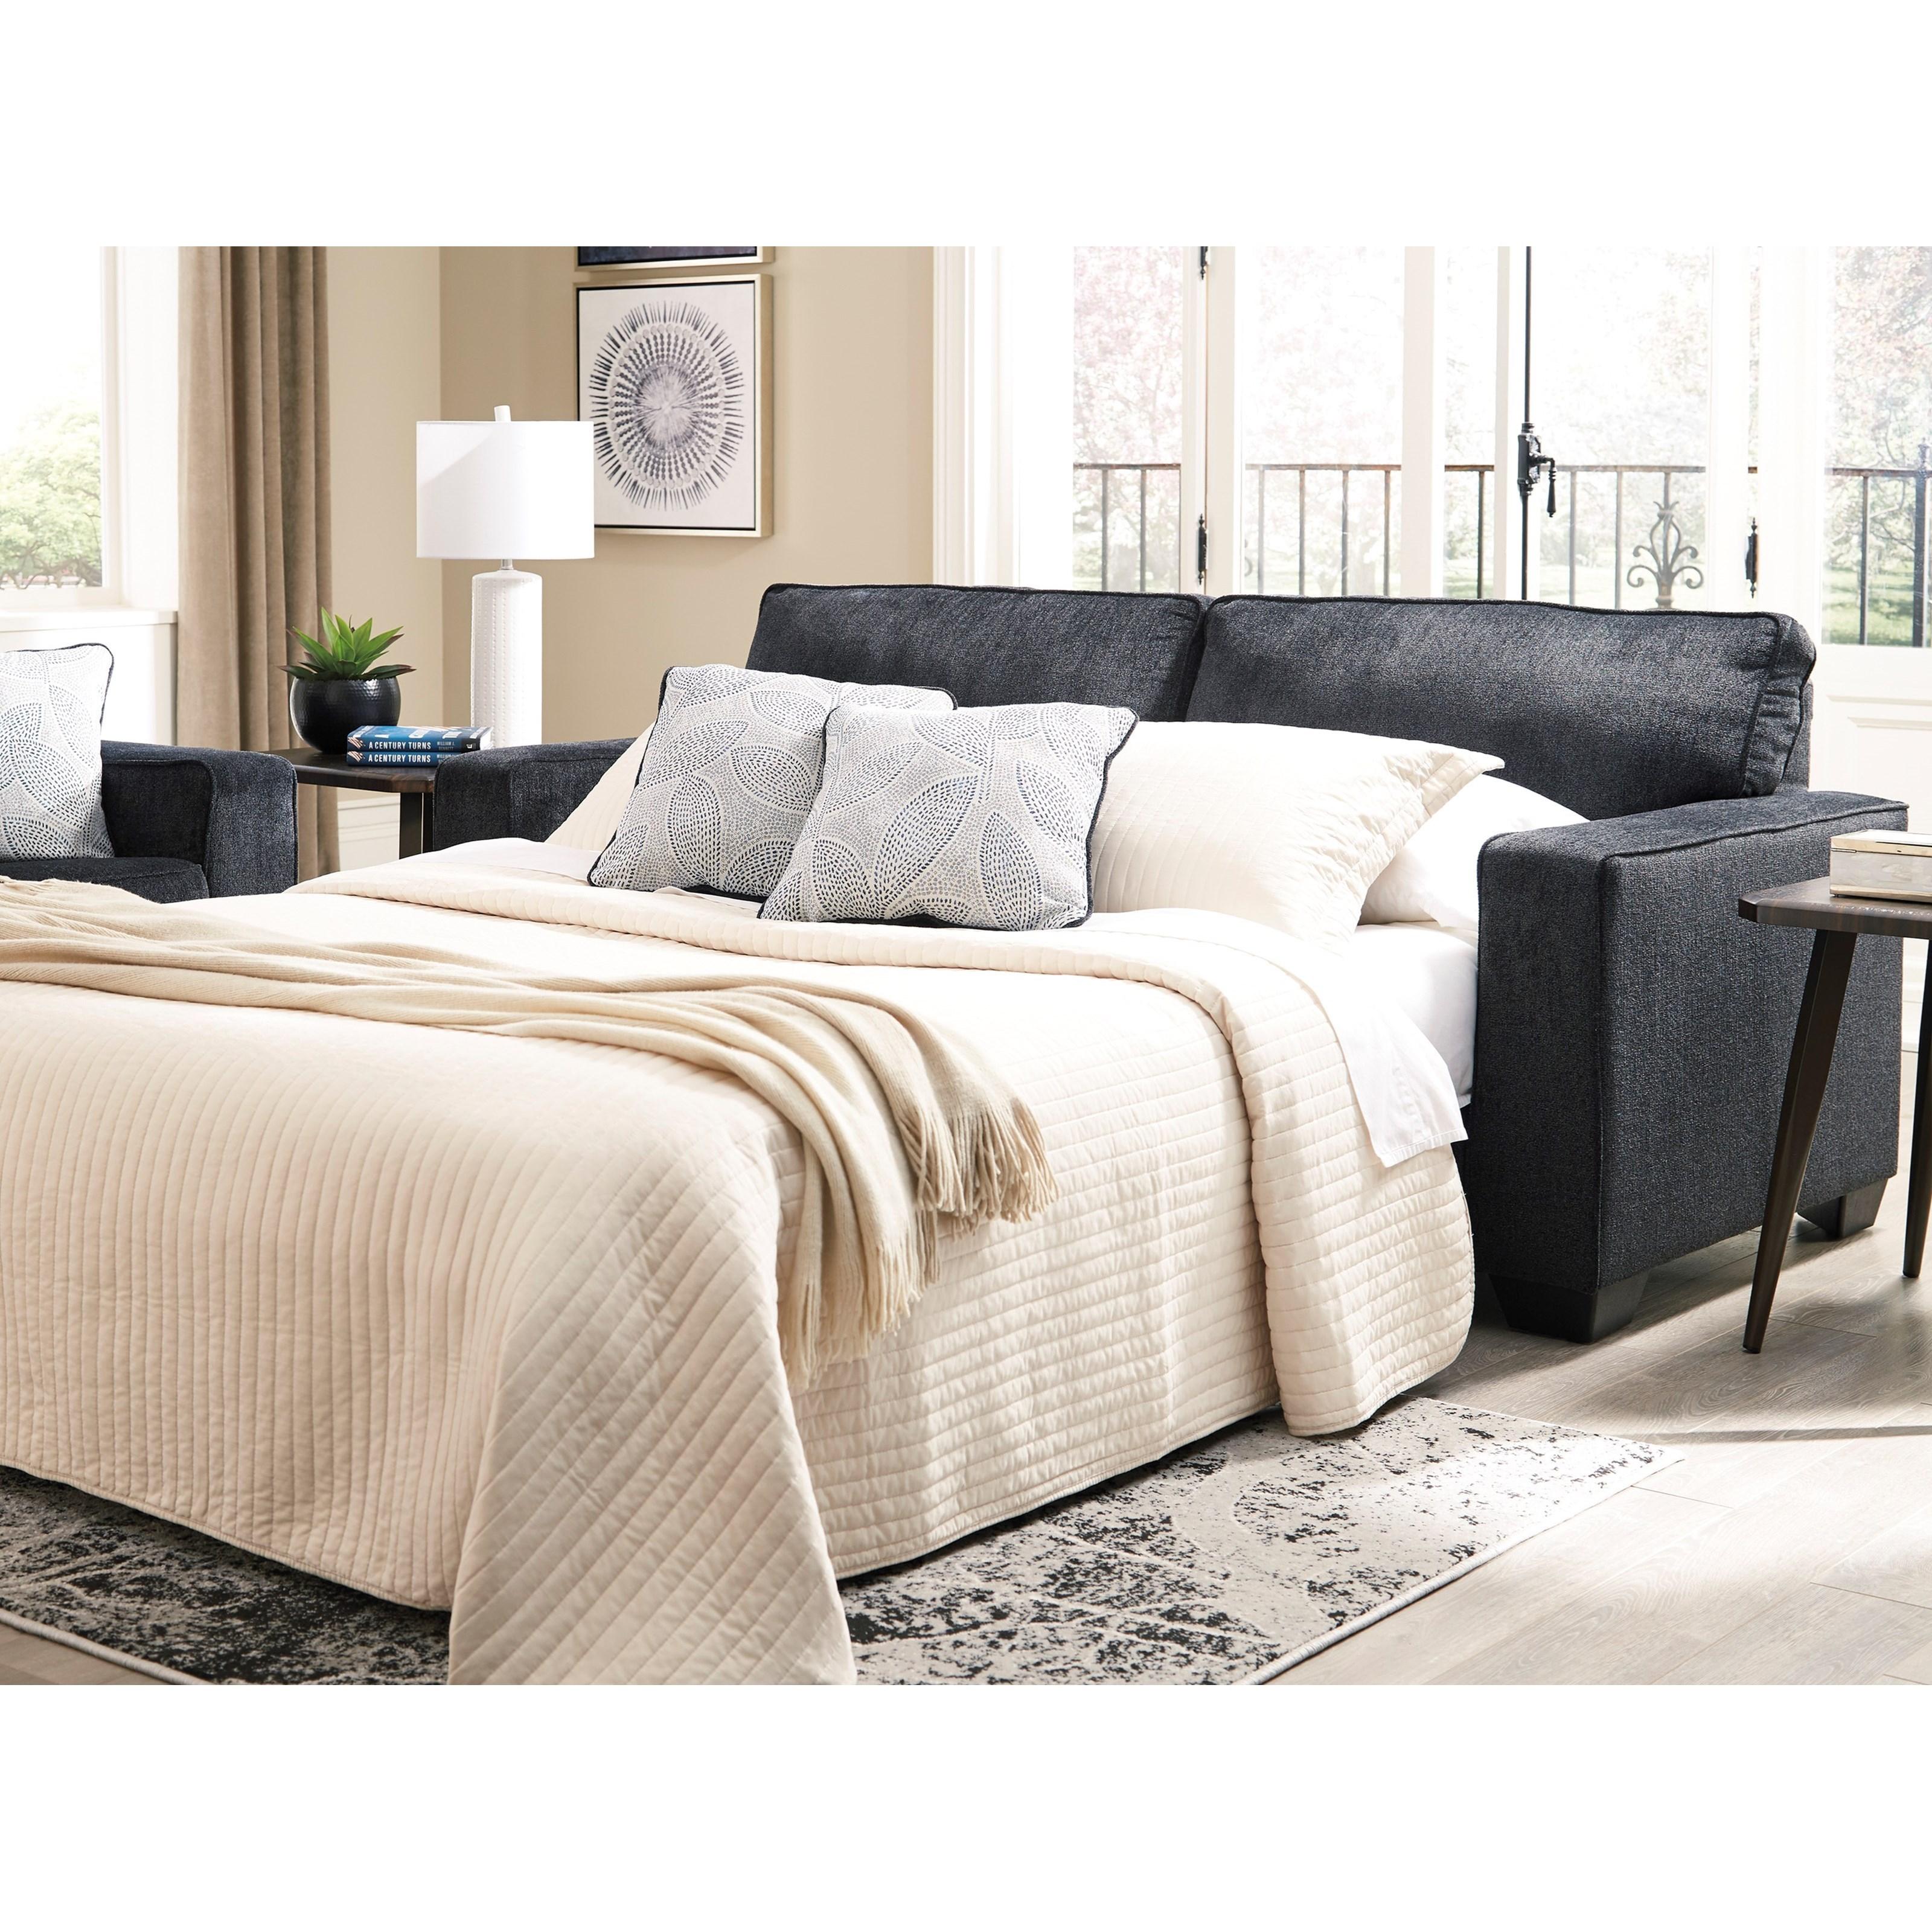 Signature Design by Ashley Altari Queen Sofa Sleeper - Item Number: 8721339